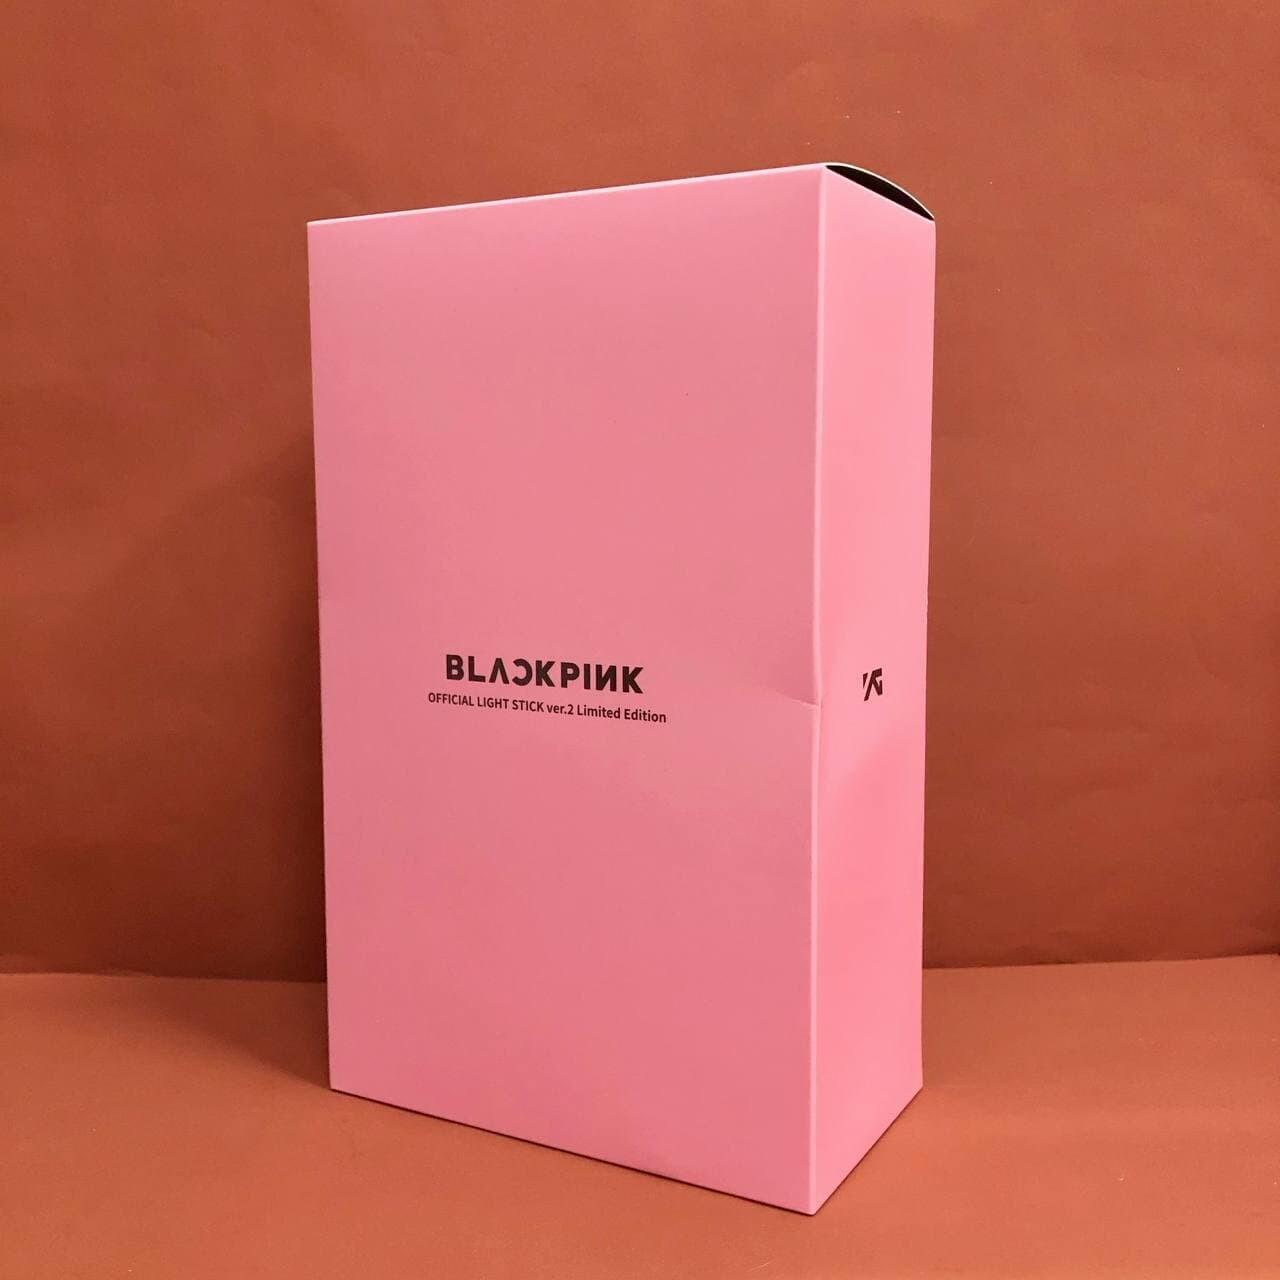 [ONHAND] Blackpink Official Lightstick (Ver. 2)